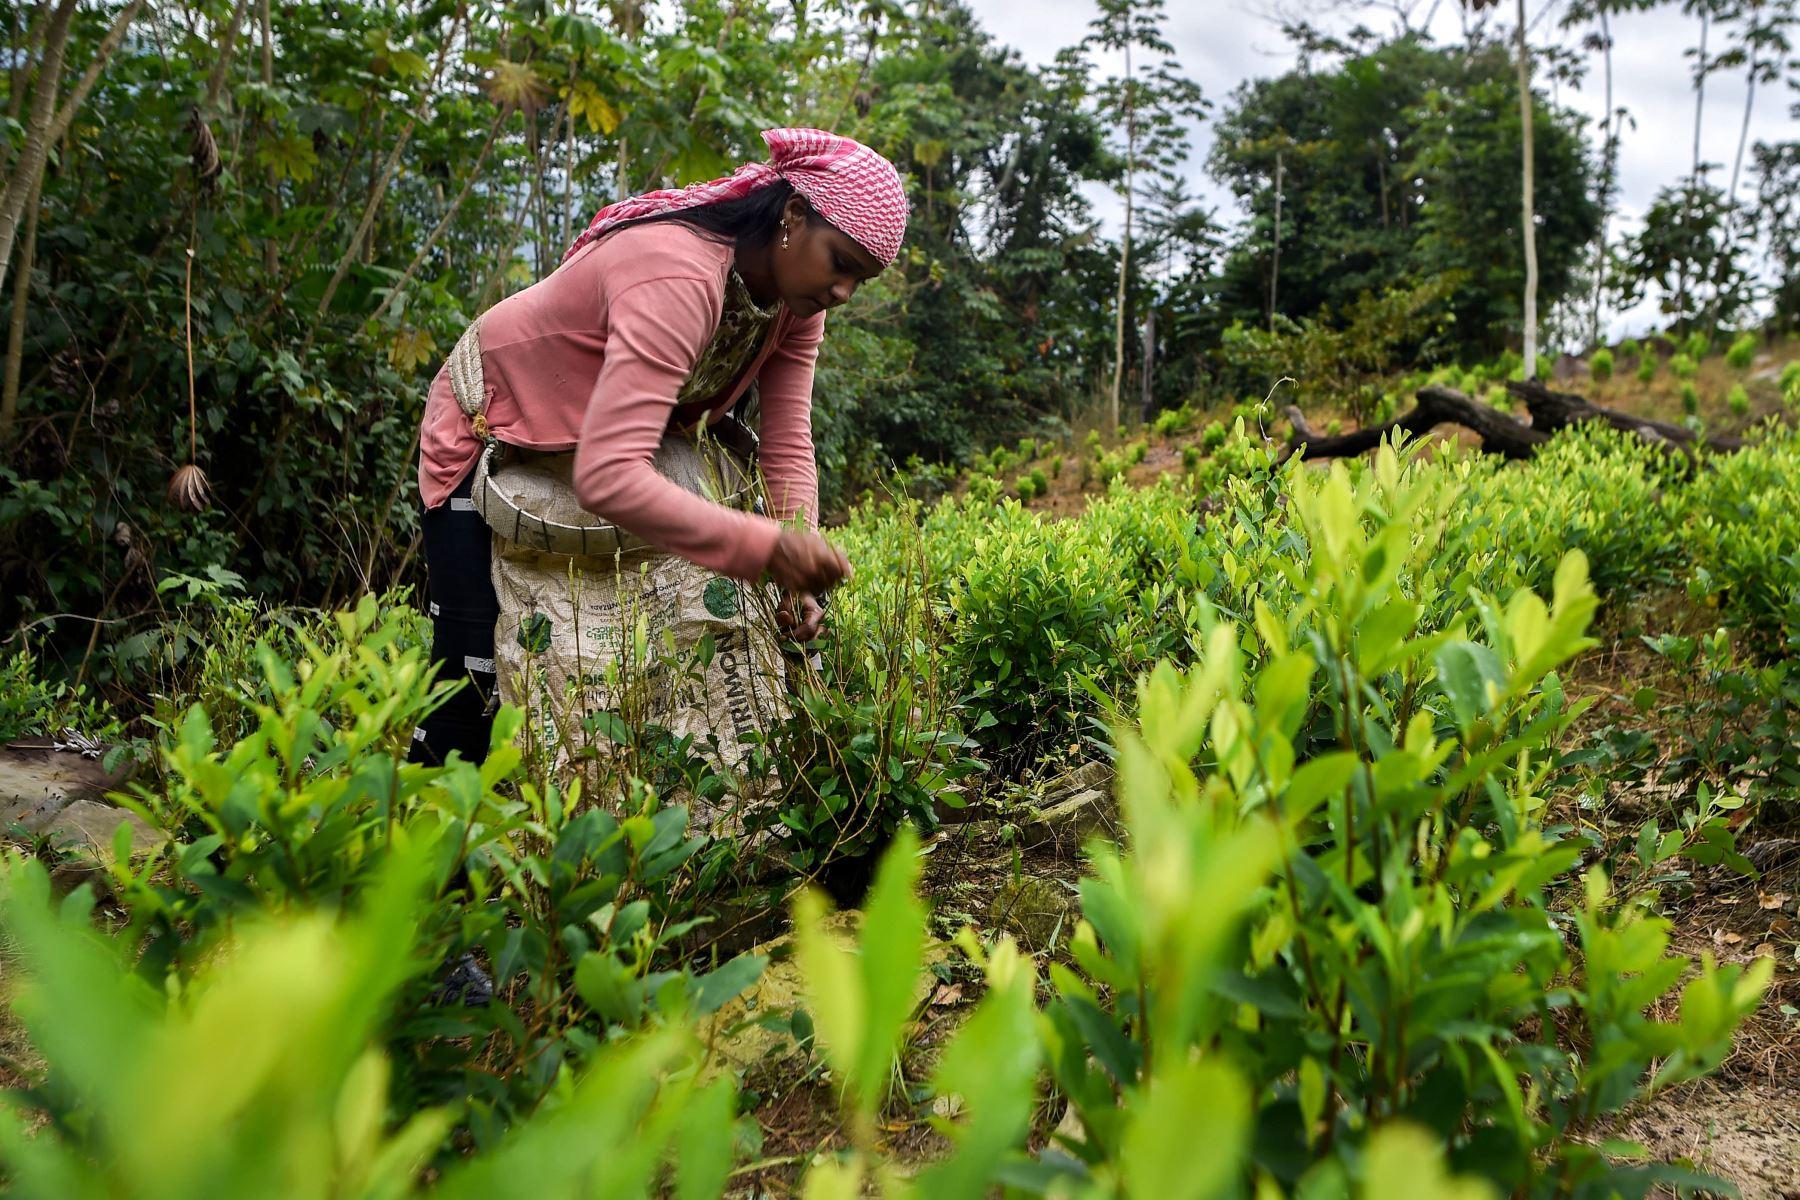 """Una migrante venezolana que trabaja como """"raspachín"""" recolecta hojas de coca en la jungla de Catatumbo, Colombia. Foto: AFP."""